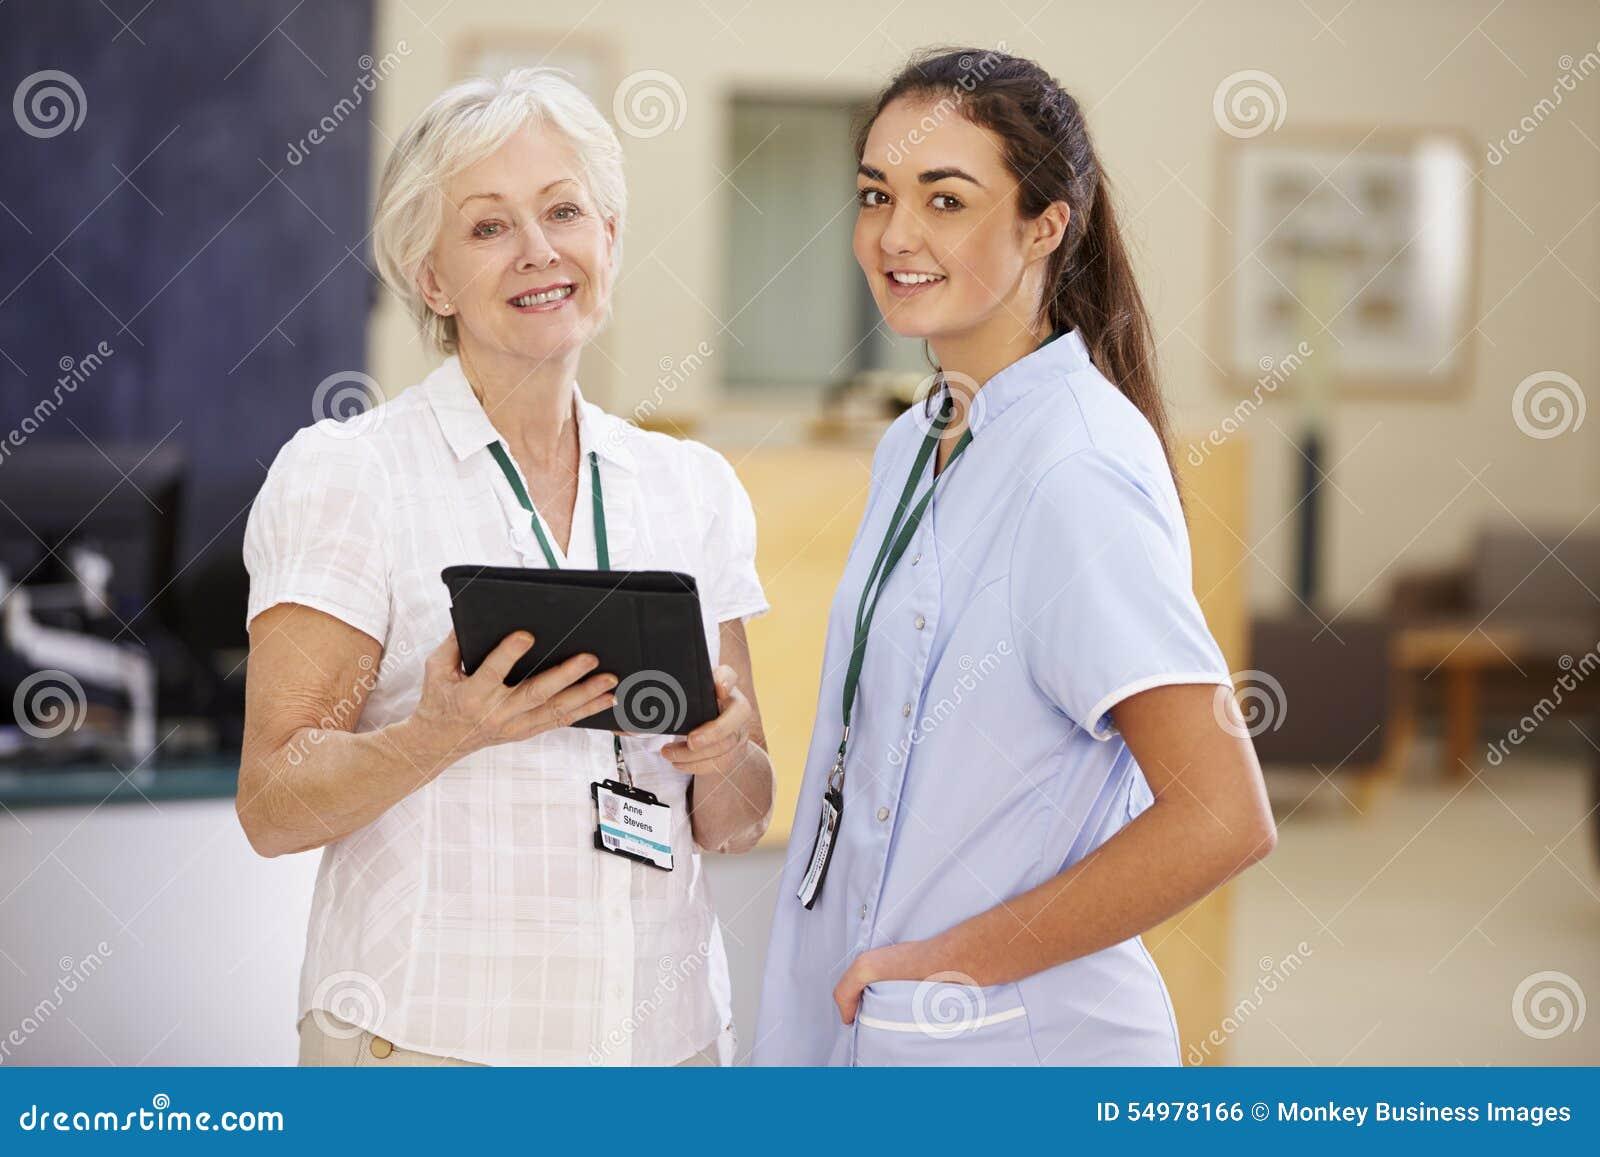 Kvinnlig konsulentIn Meeting With sjuksköterska Using Digital Tablet